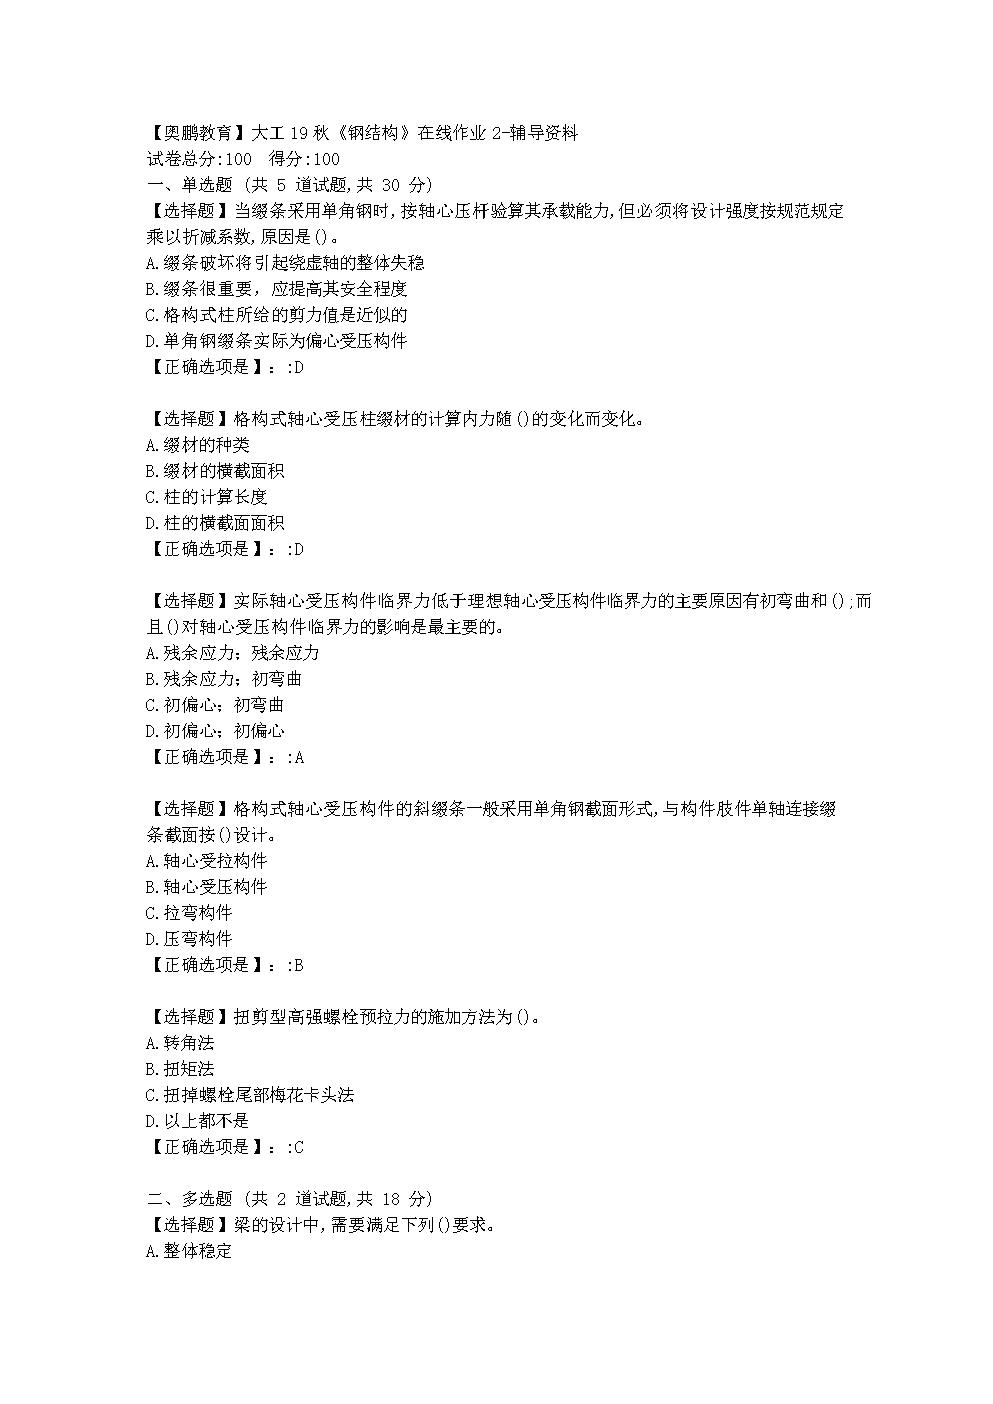 大连理工大学19秋《钢结构》在线作业2学习资料.doc